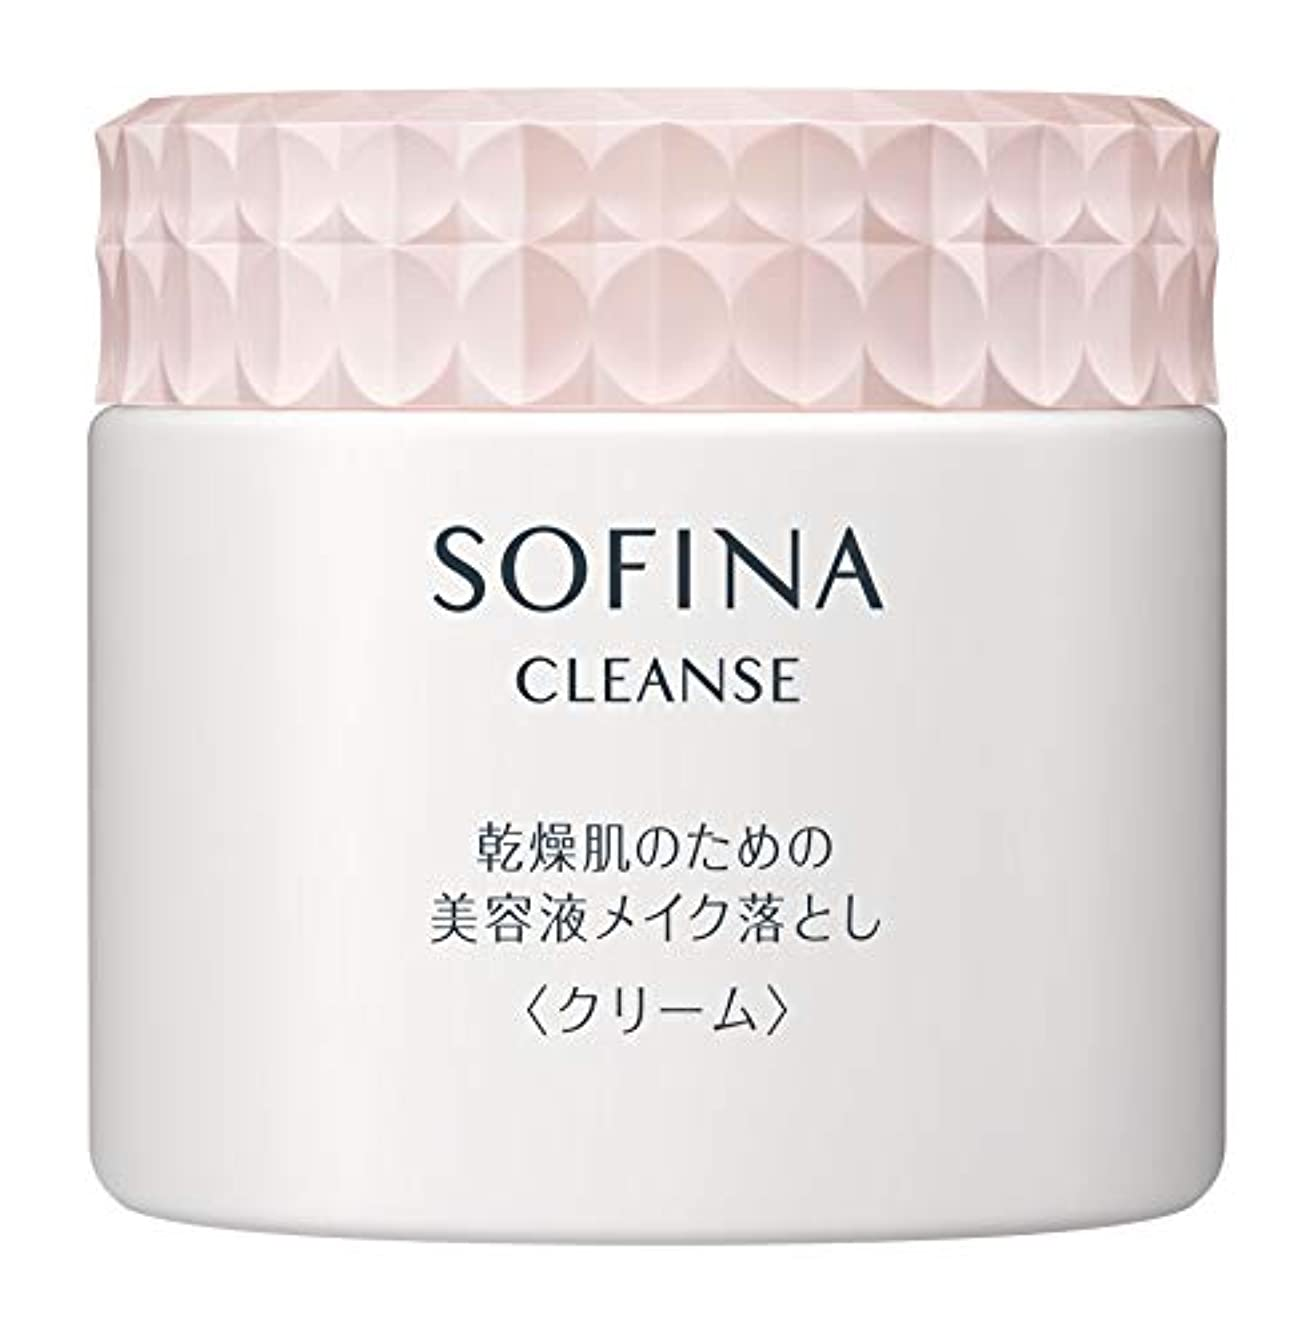 論理的ビート大聖堂ソフィーナ 乾燥肌のための美容液メイク落とし クリーム 200g